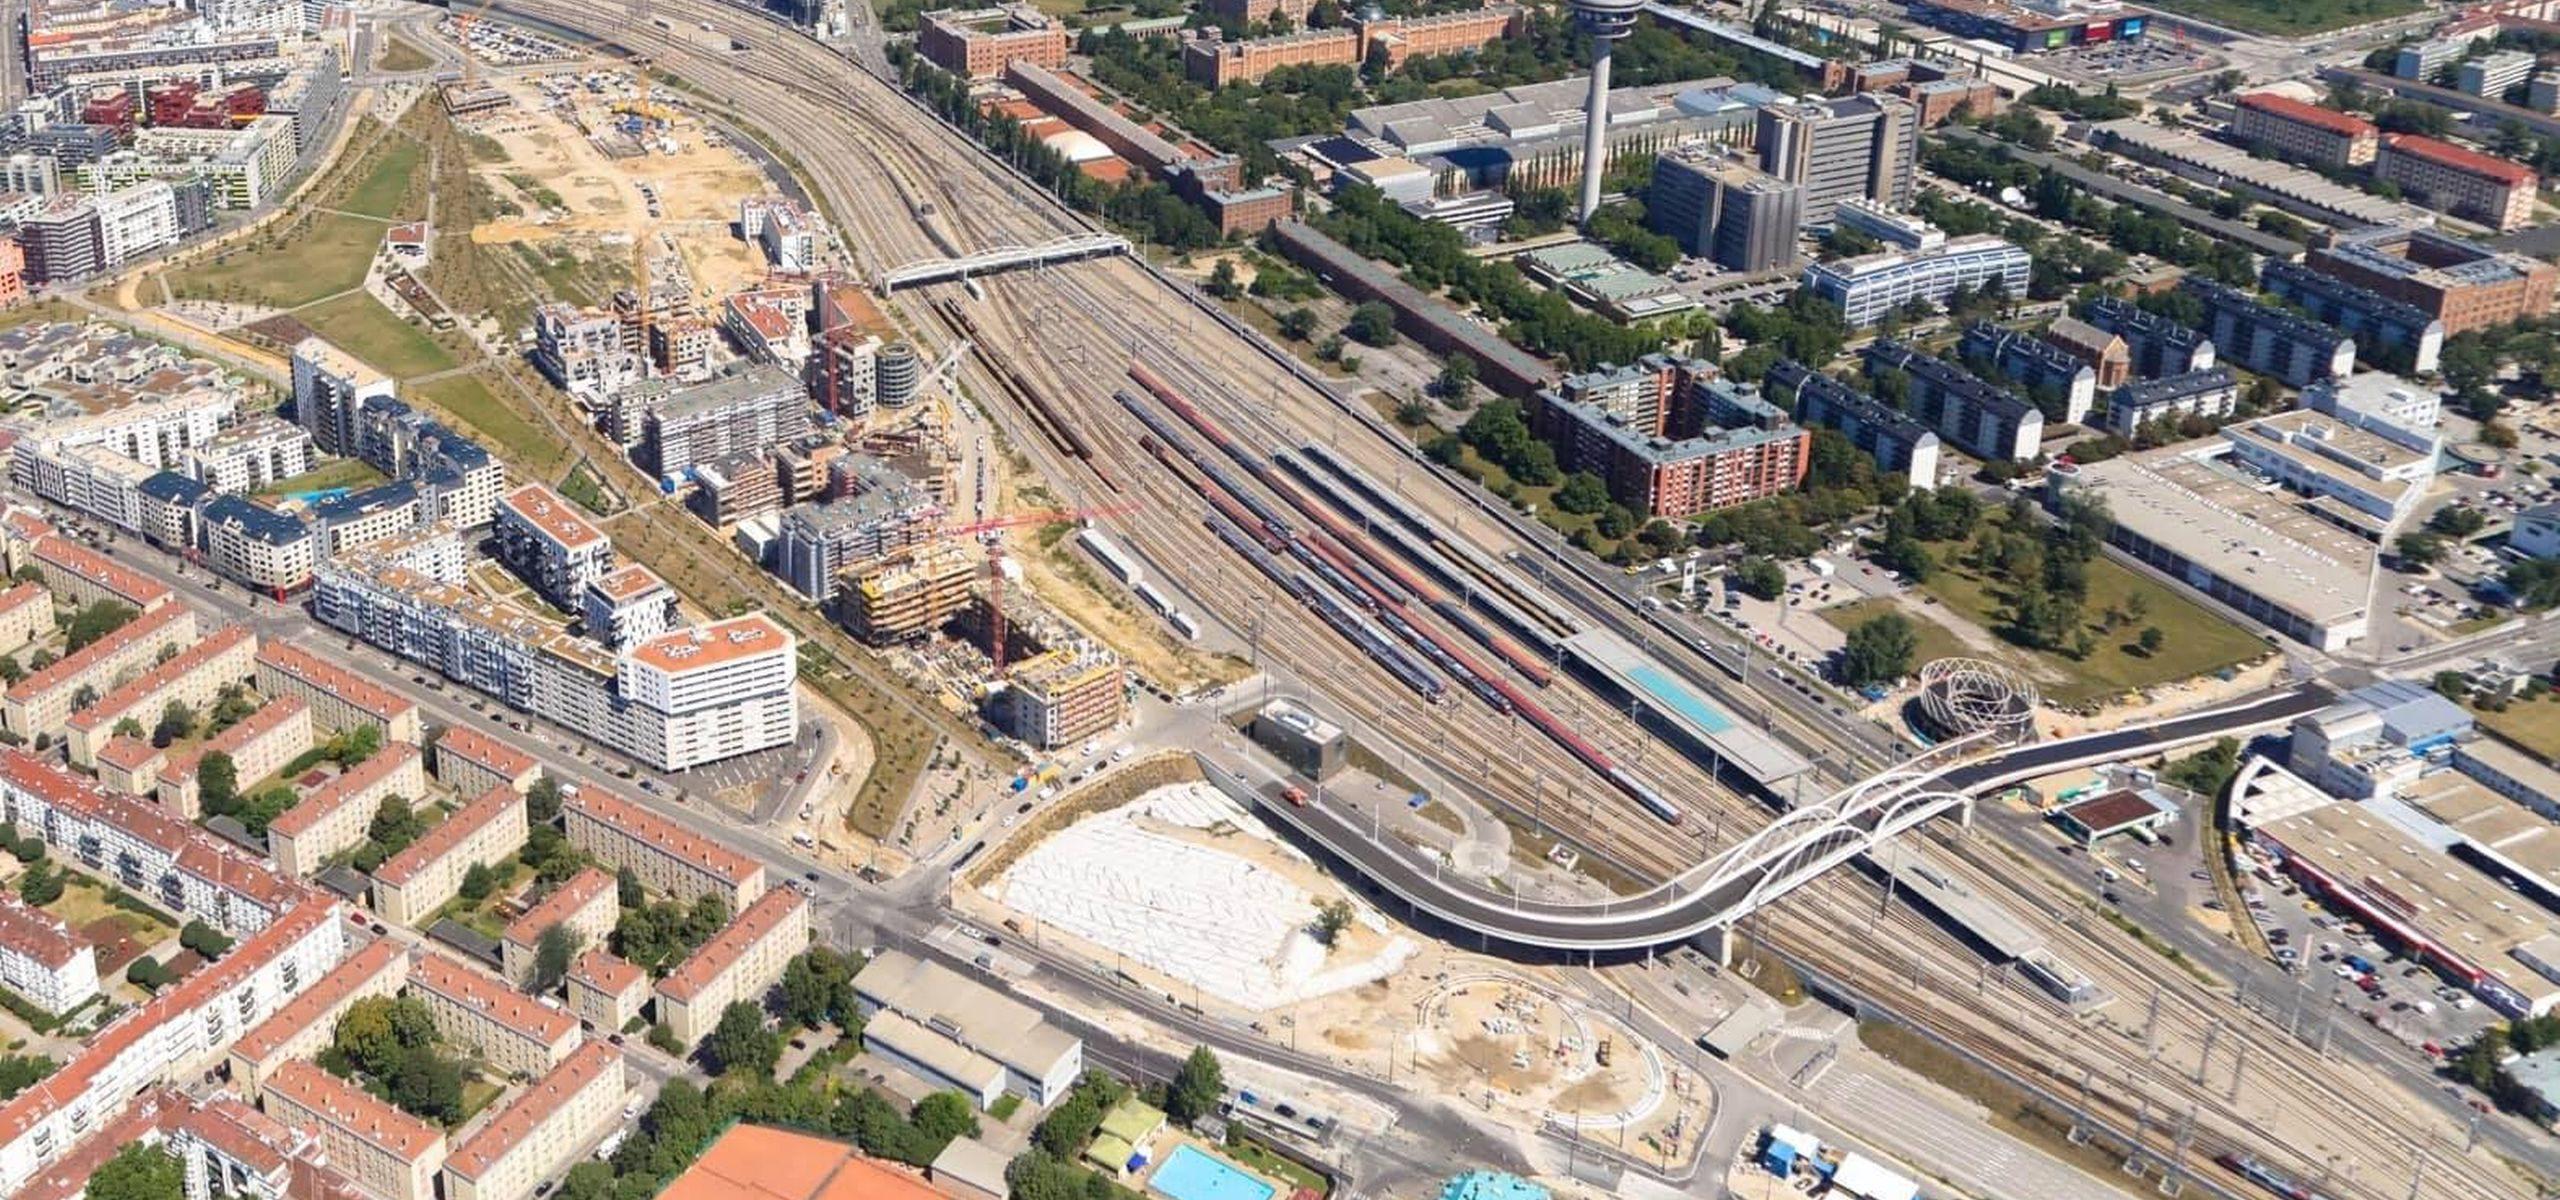 Luftbild vom Hauptbahnhofgelände